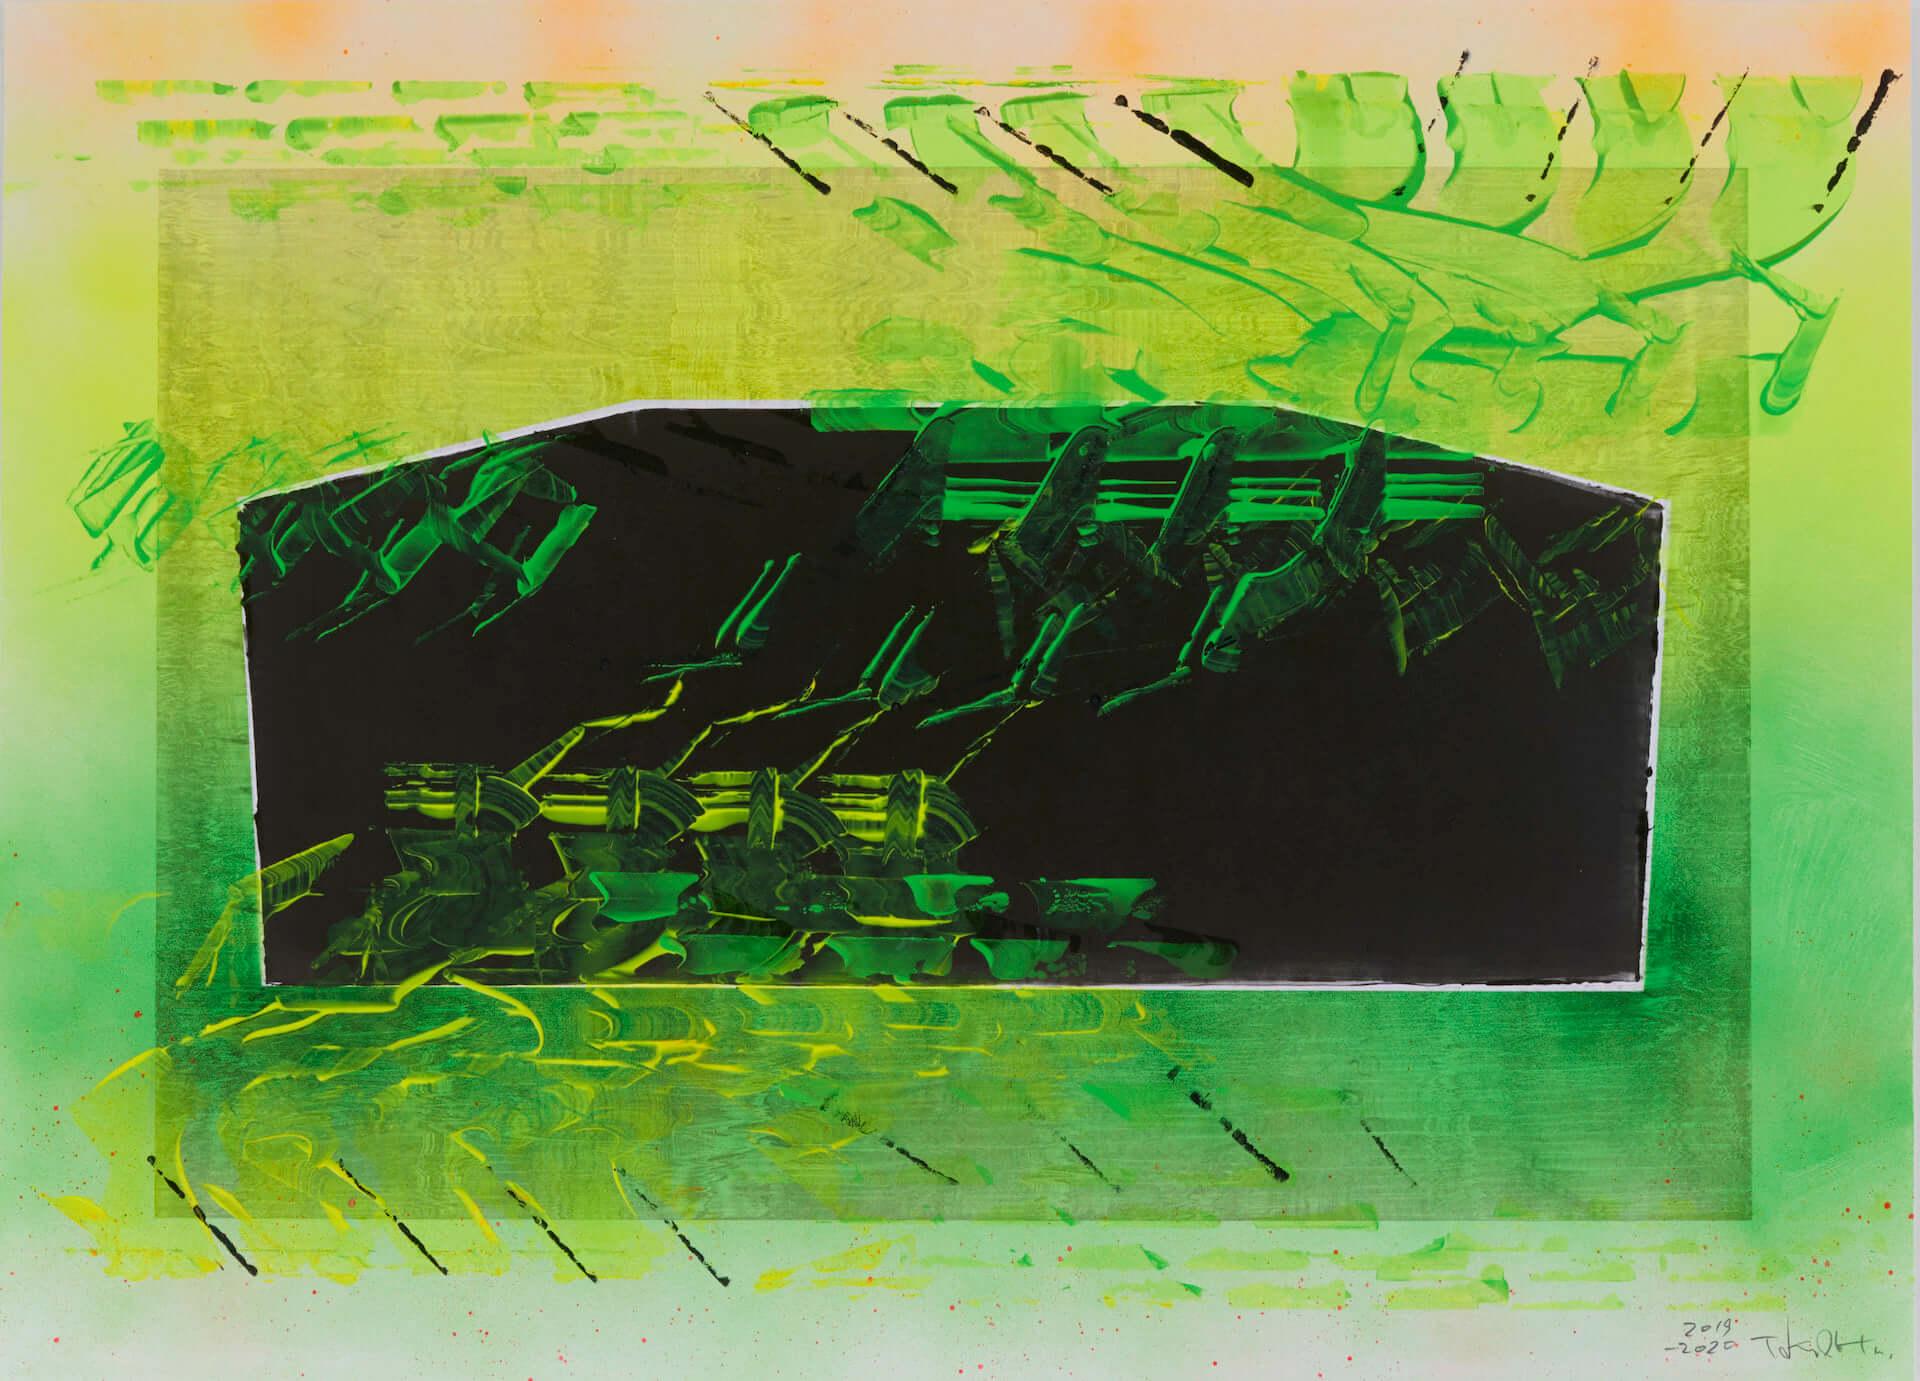 彫刻家・小畑多丘による初の作品集『Spectrum of the Move』が刊行決定!京都「haku kyoto」では記念の個展も開催 art201118_taku-obata_3-1920x1381